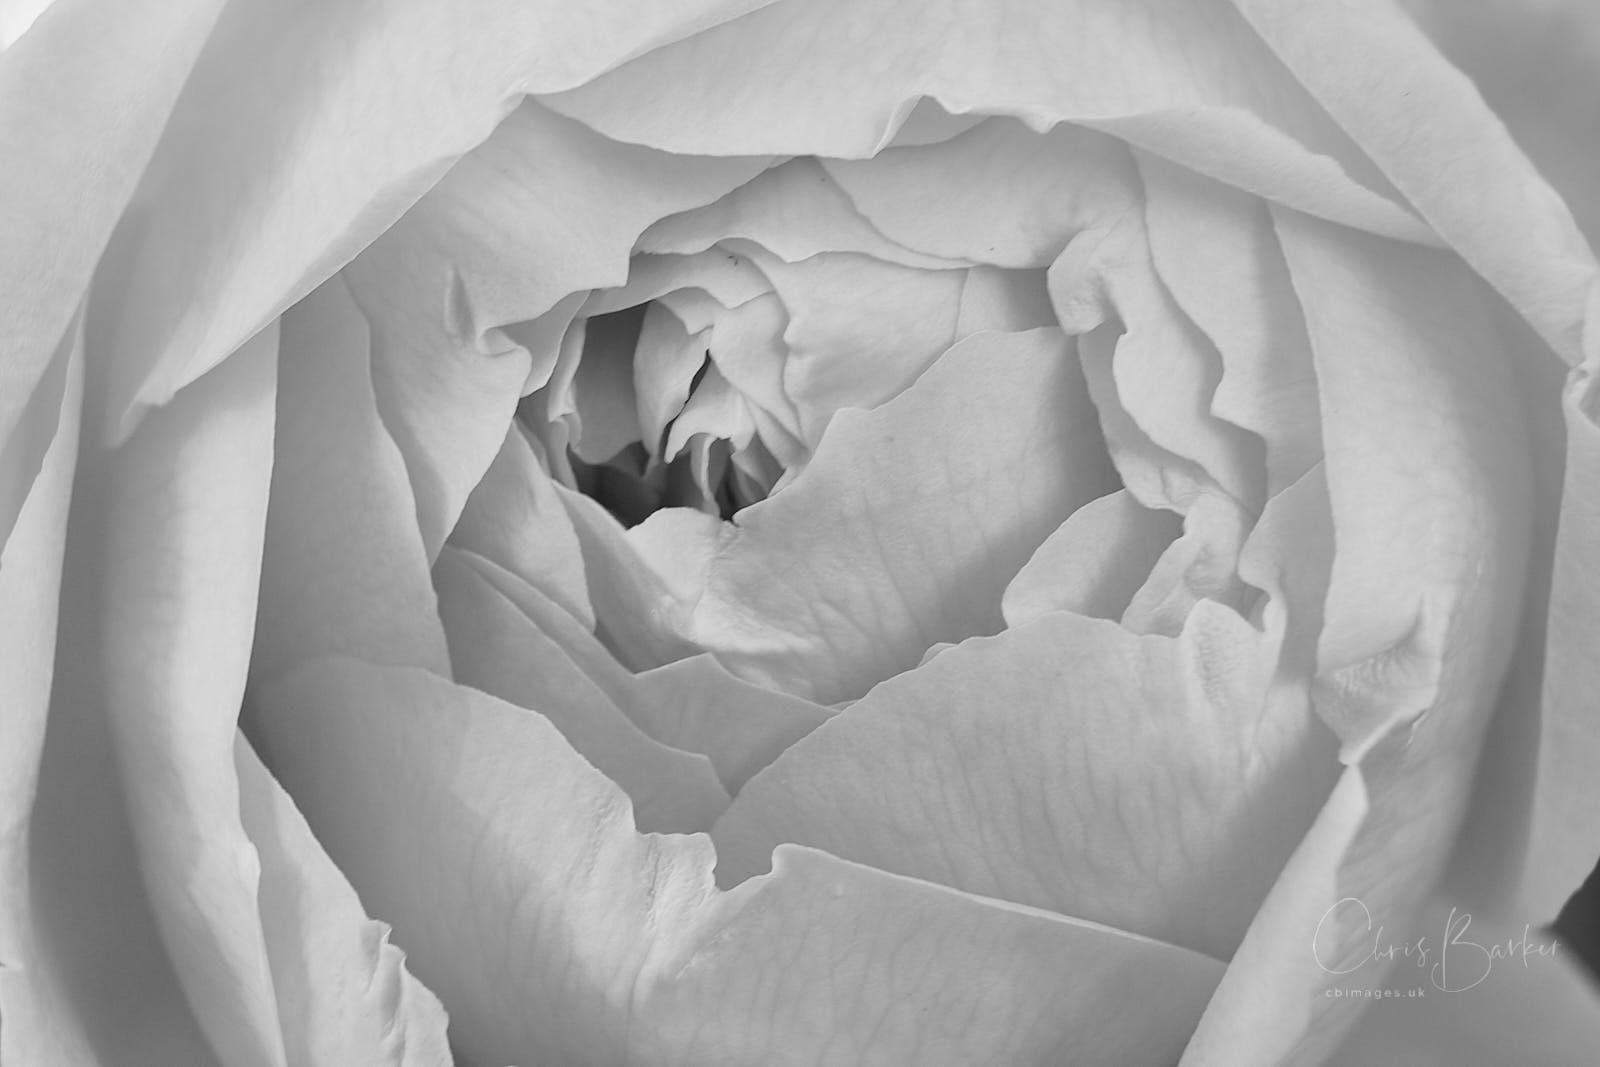 Monochrome closeup of rose petals